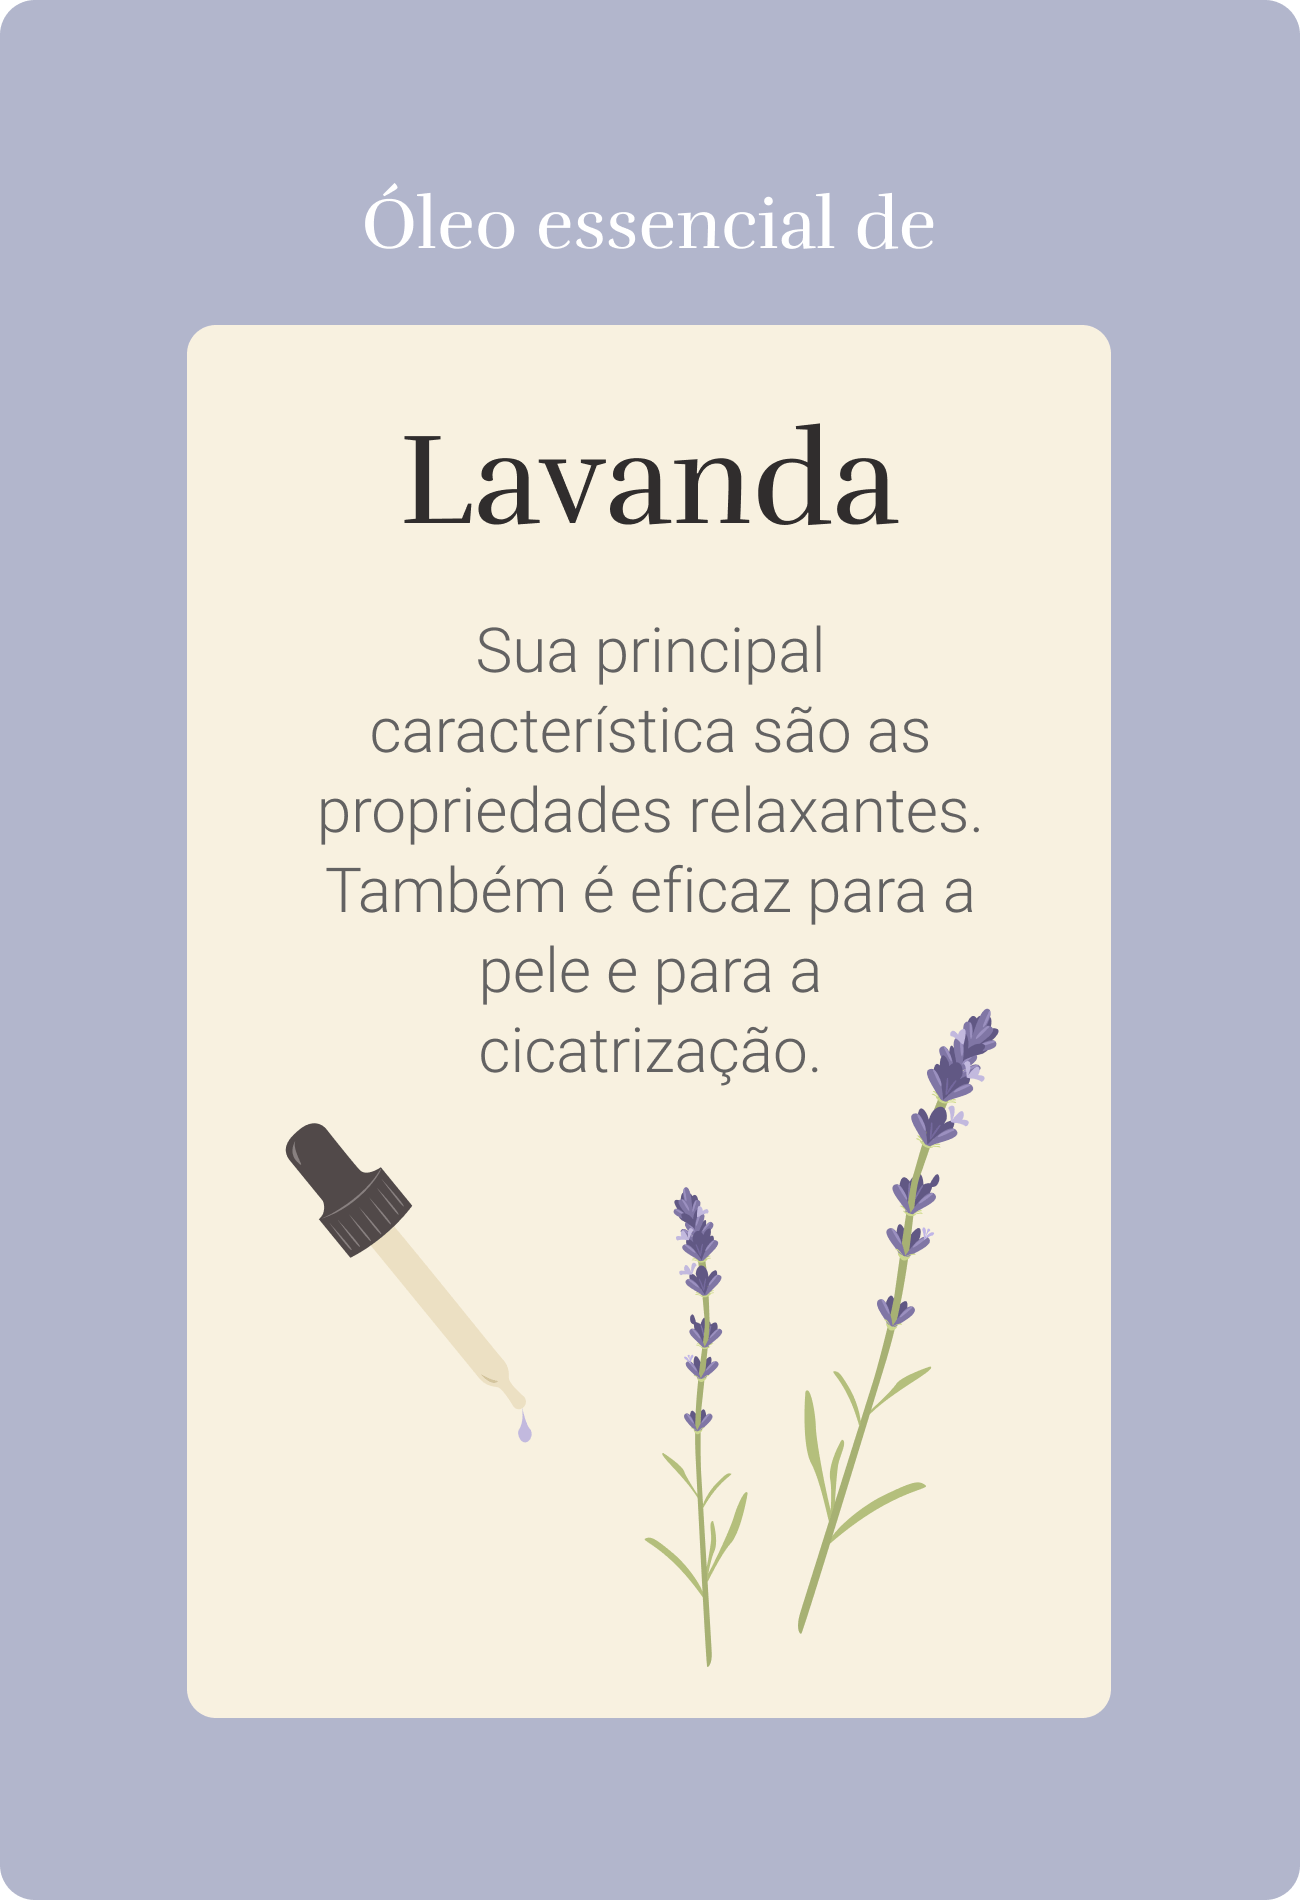 Aromaterapia, como usar óleos essenciais no dia a dia